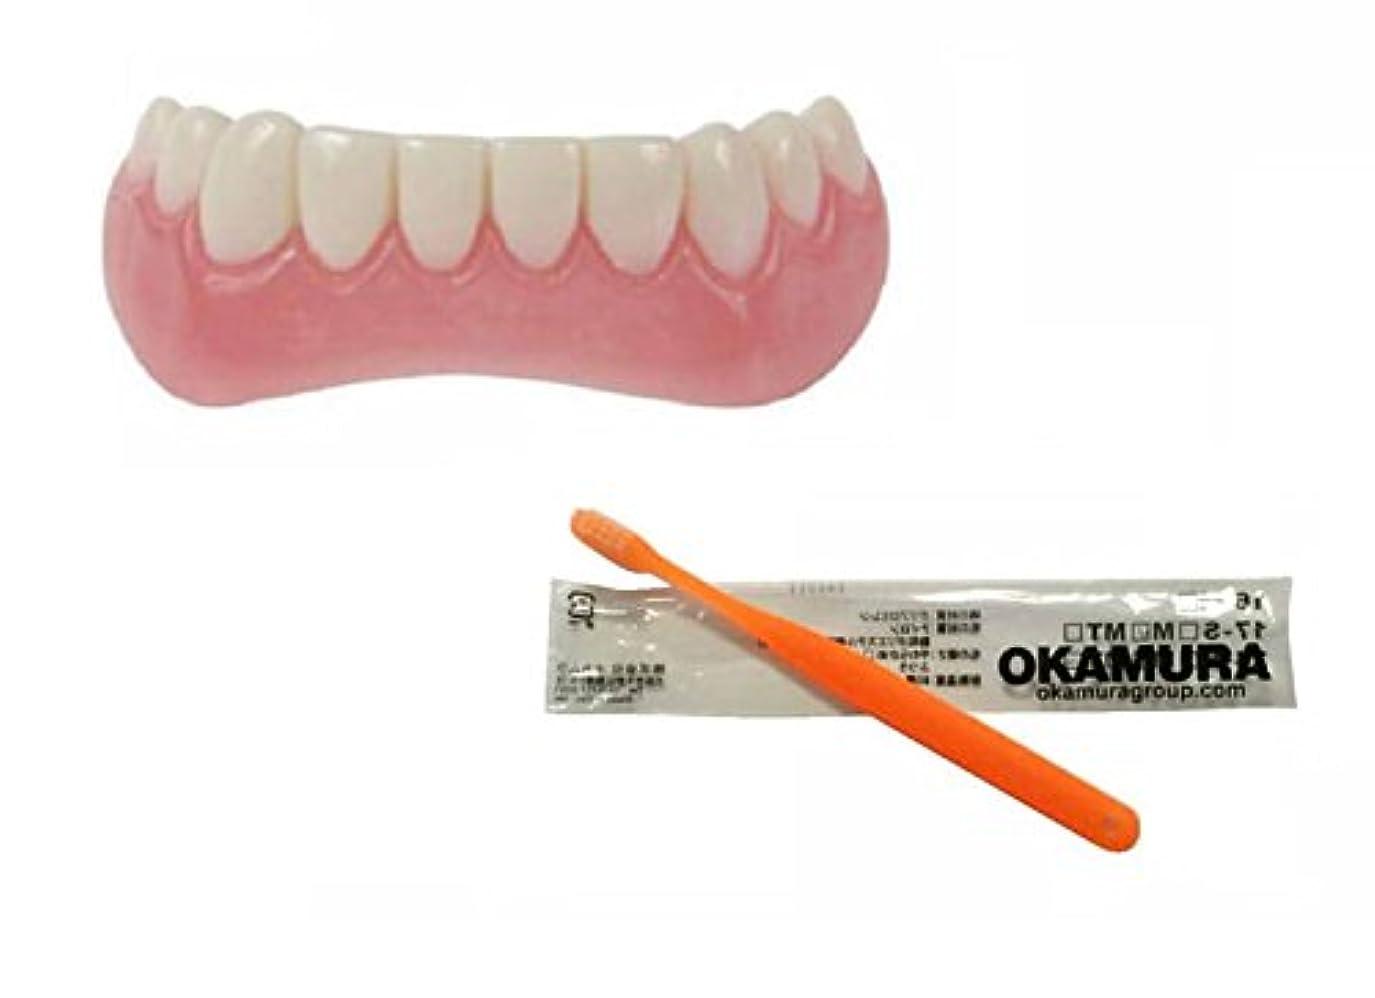 卒業あさりフルーツ野菜インスタントスマイル 下歯用 フリーサイズ + OKAMURA 歯科医推奨歯ブラシ セット